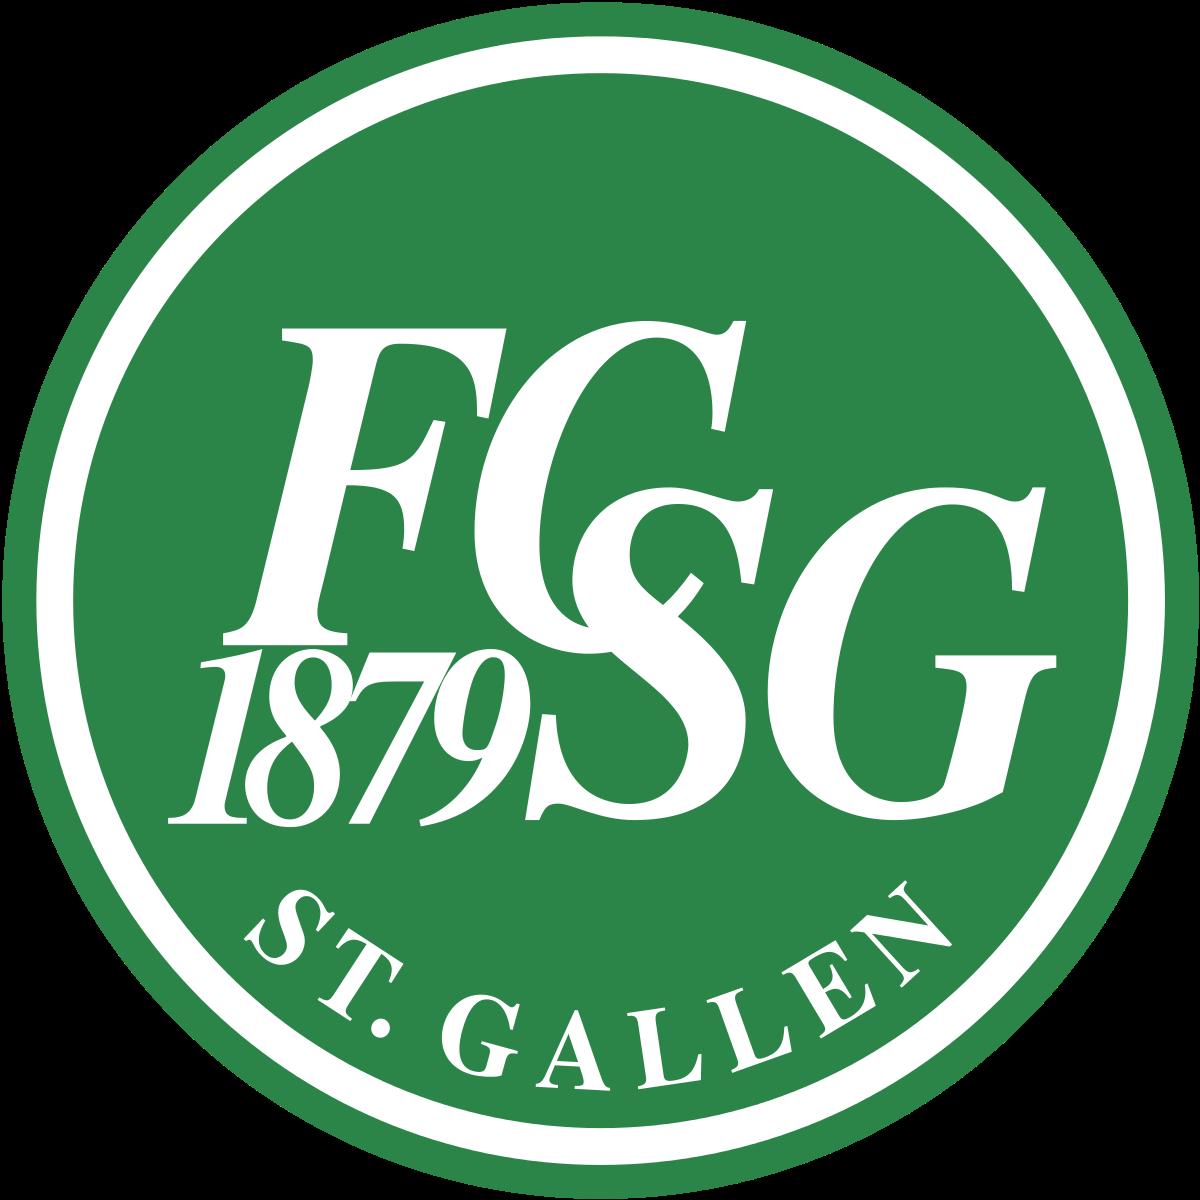 St. Gallen www.nhandinhbongdaso.net